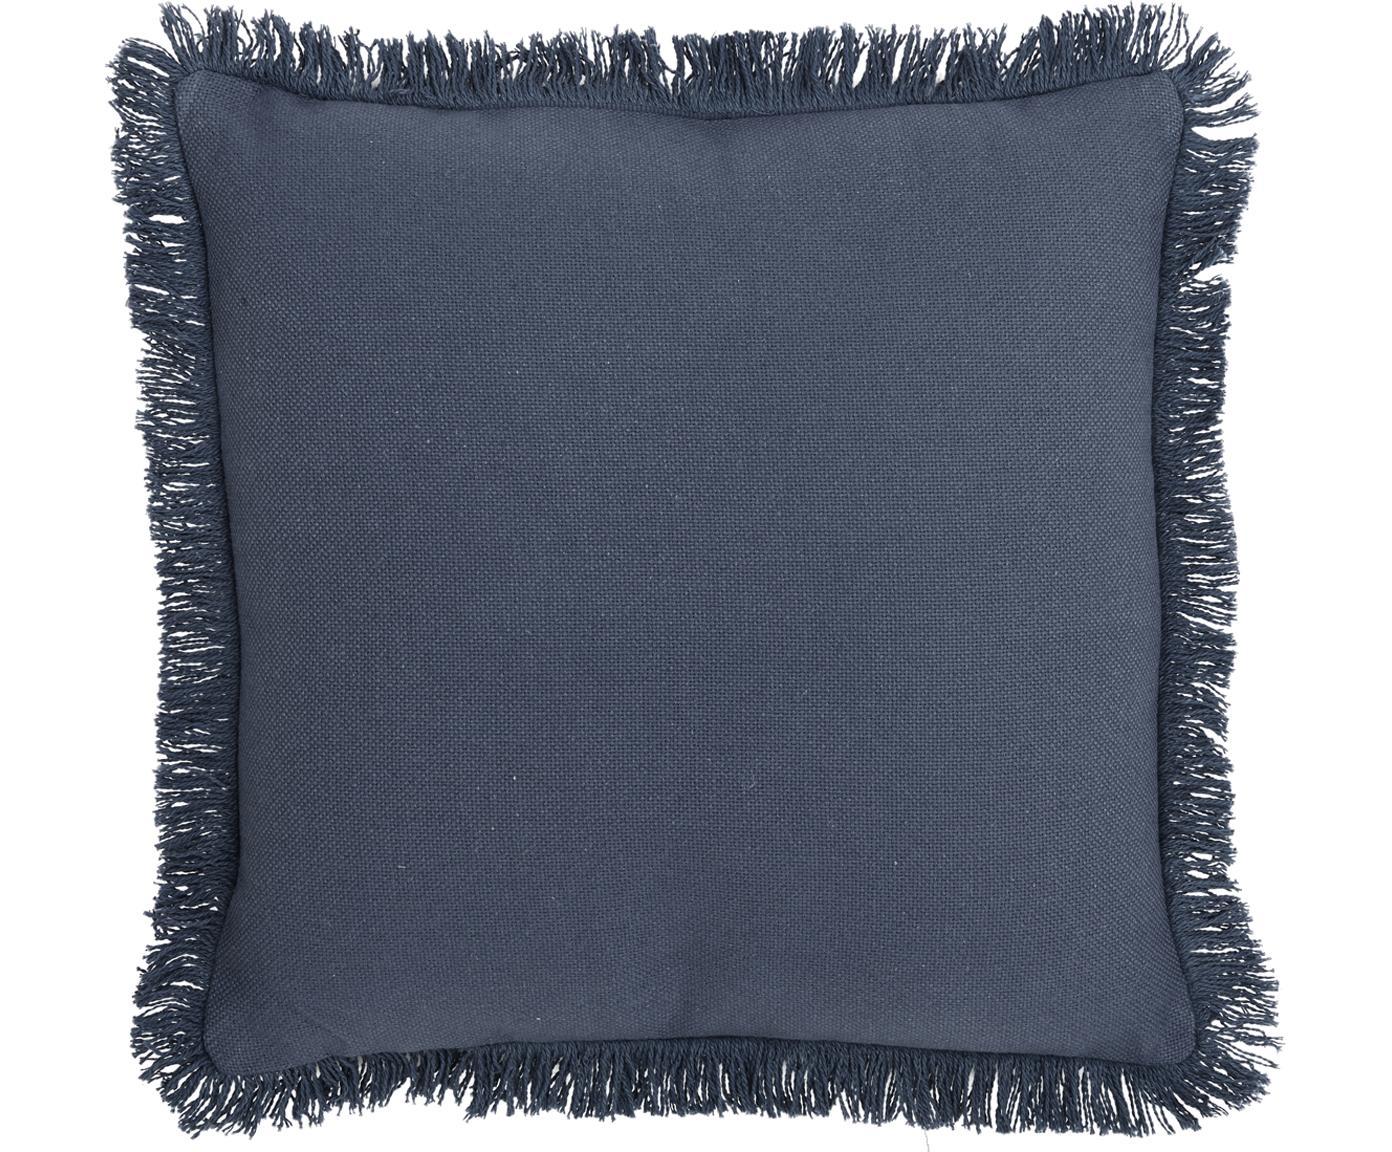 Cojín con flecos Prague, con relleno, Parte delantera: 100%algodón de tejido gr, Parte trasera: 100%algodón, Azul, An 40 x L 40 cm